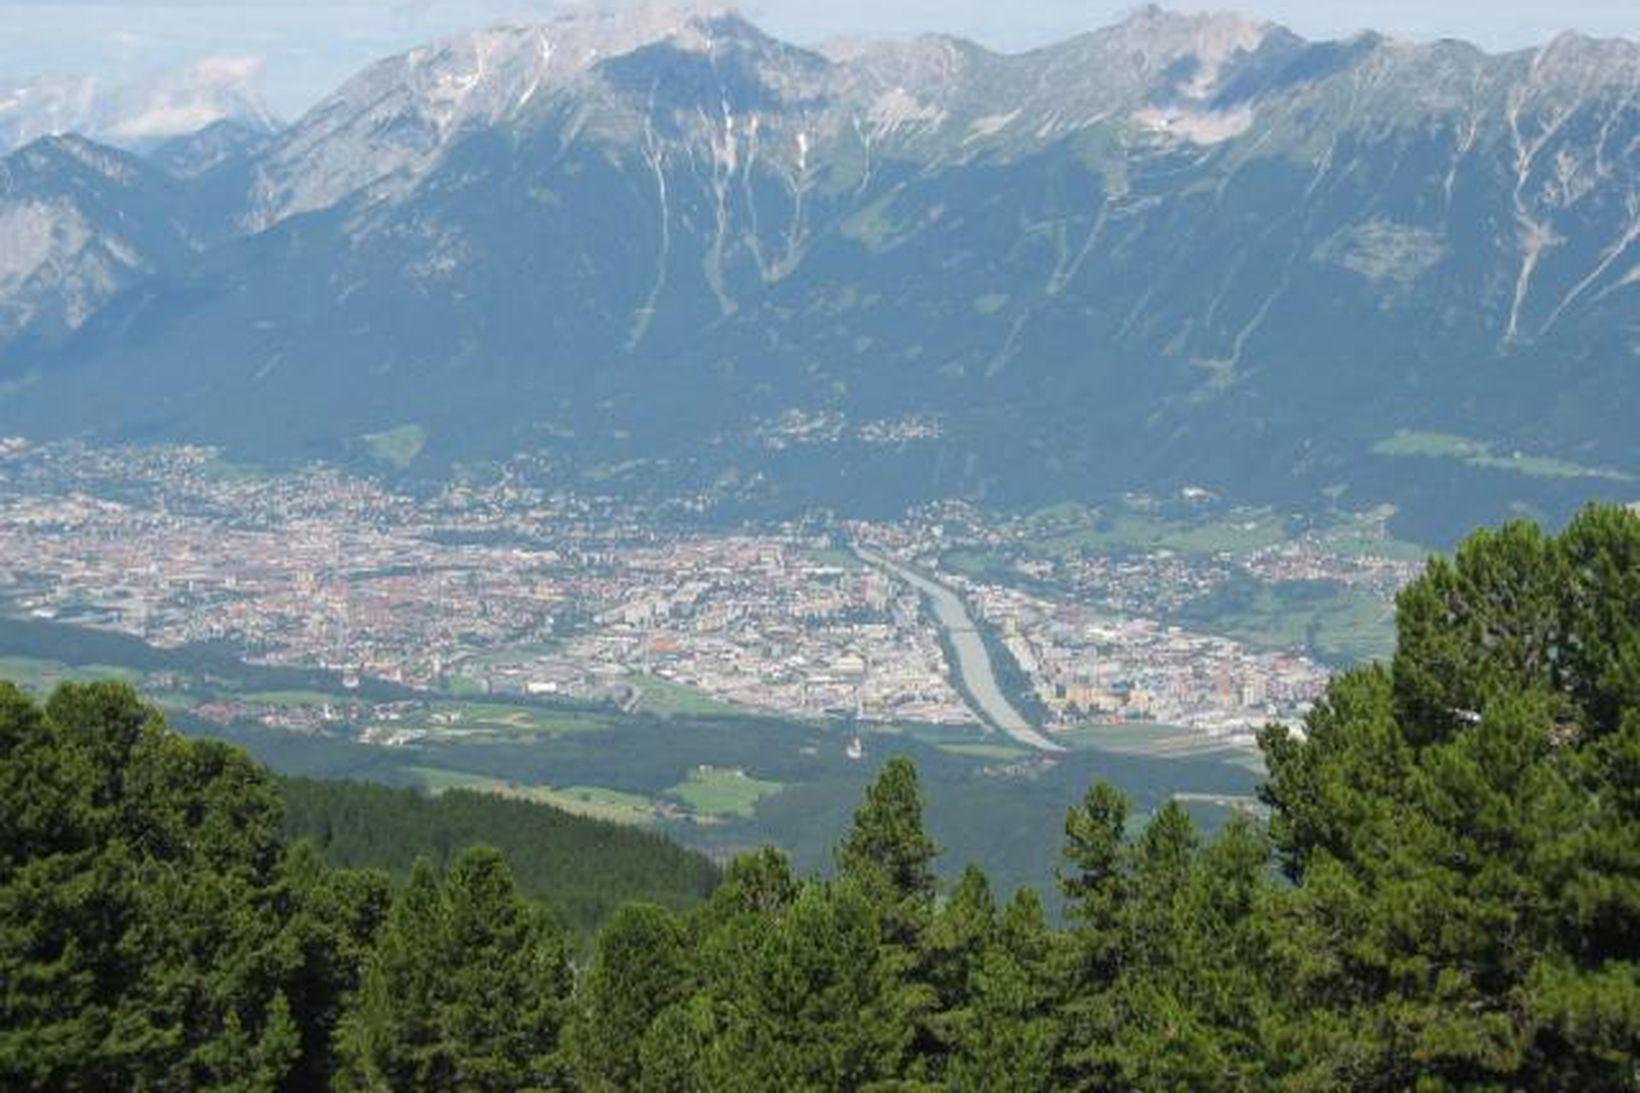 Horft yfir Innsbruck í Austurríki.